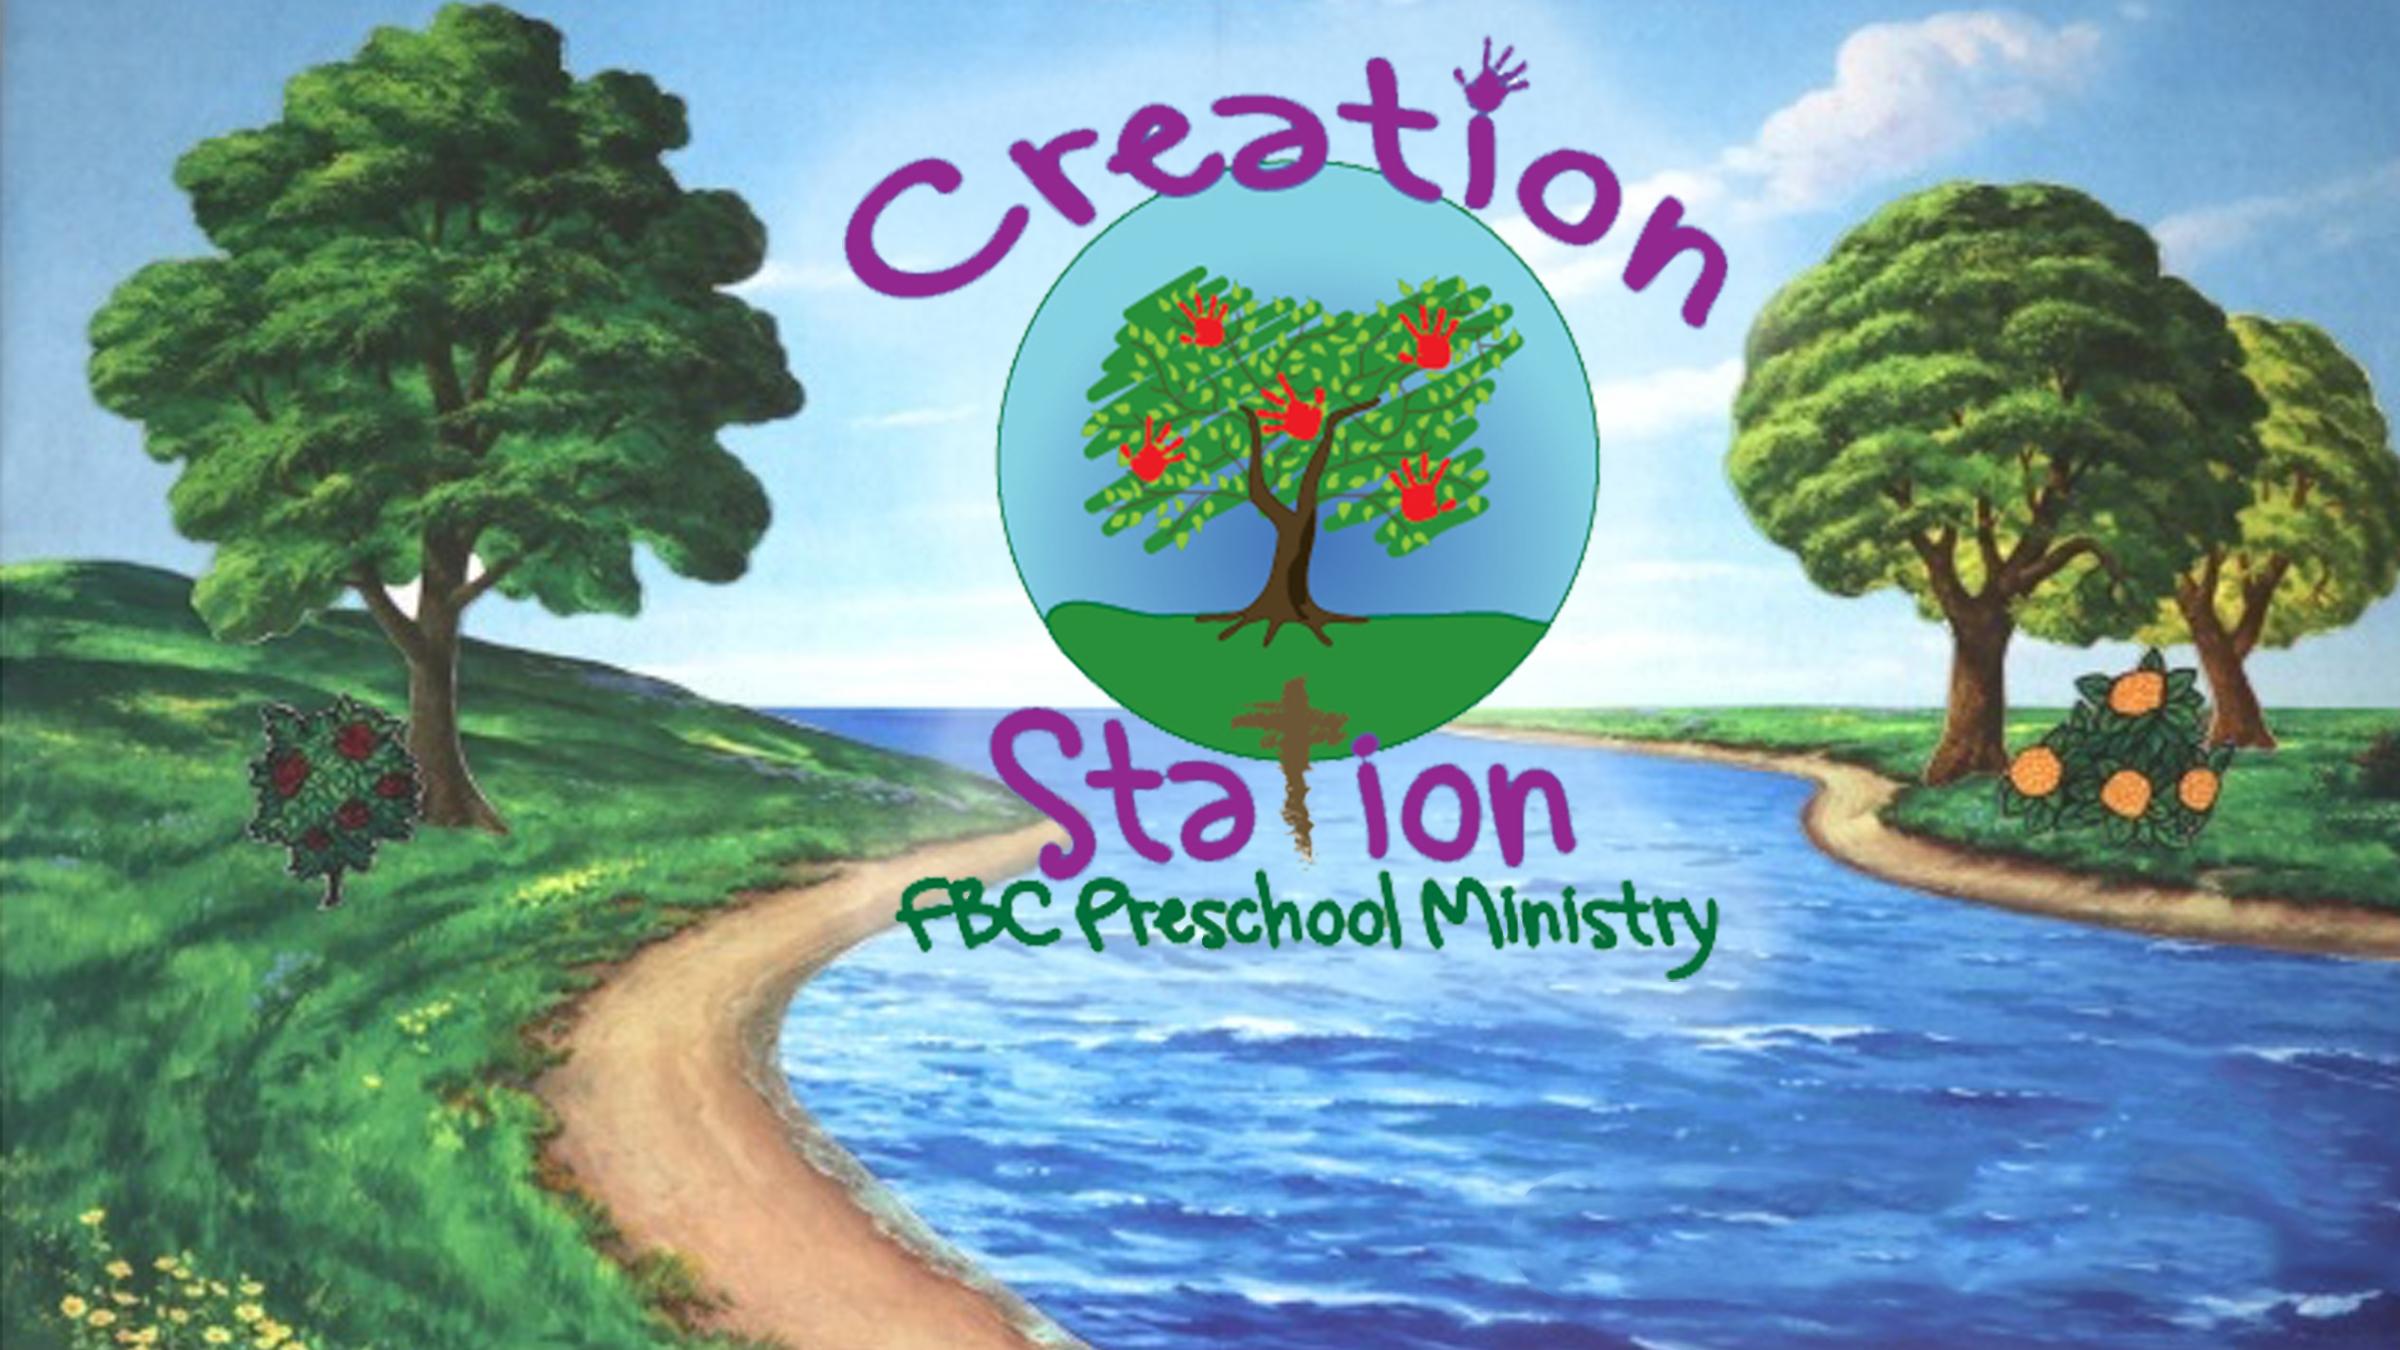 creationstation.jpg